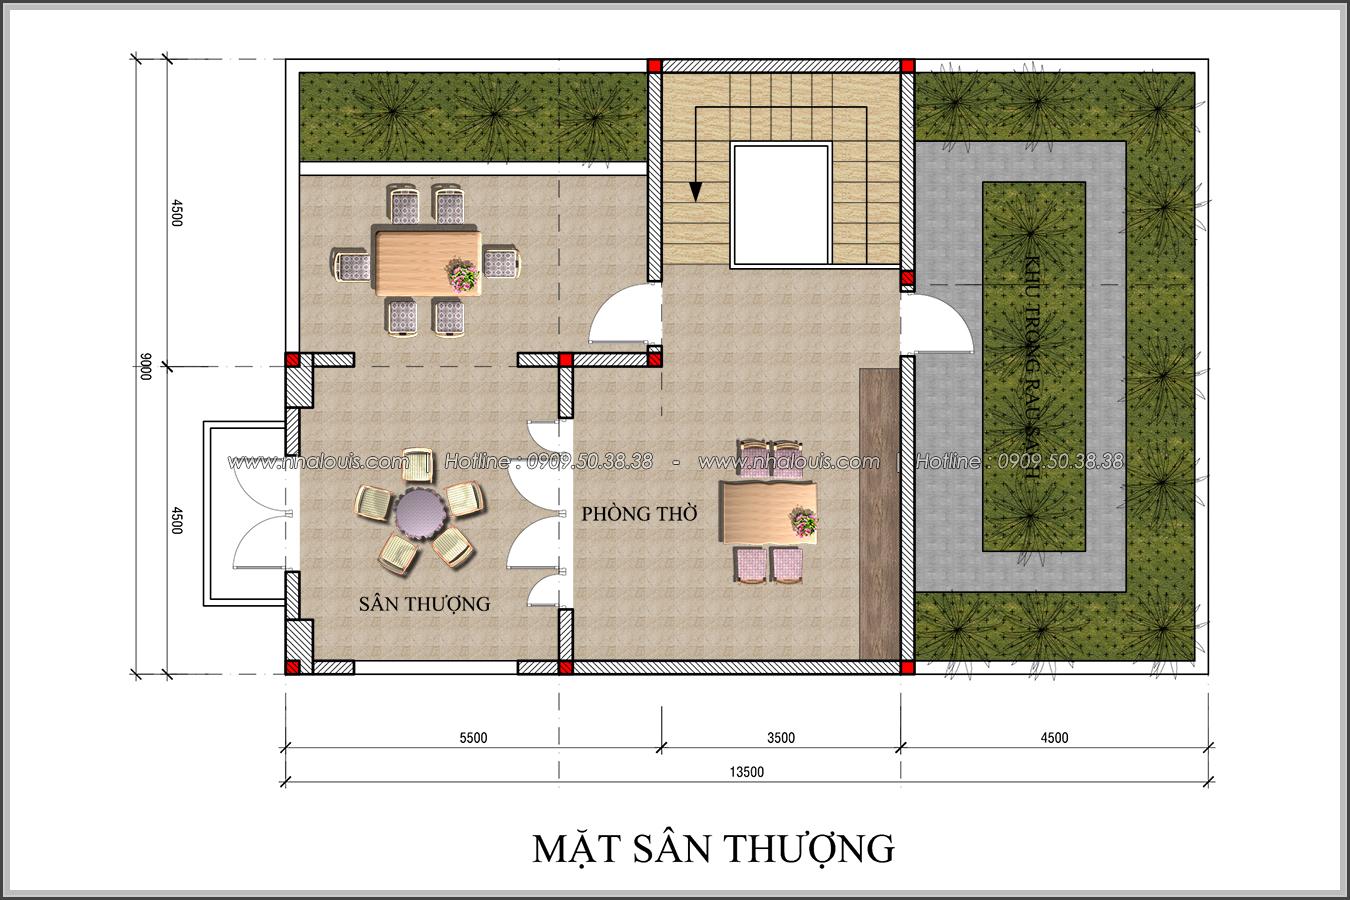 Thiết kế biệt thự tân cổ điển tại Đồng Nai đẹp rạng ngời phố thị - 06